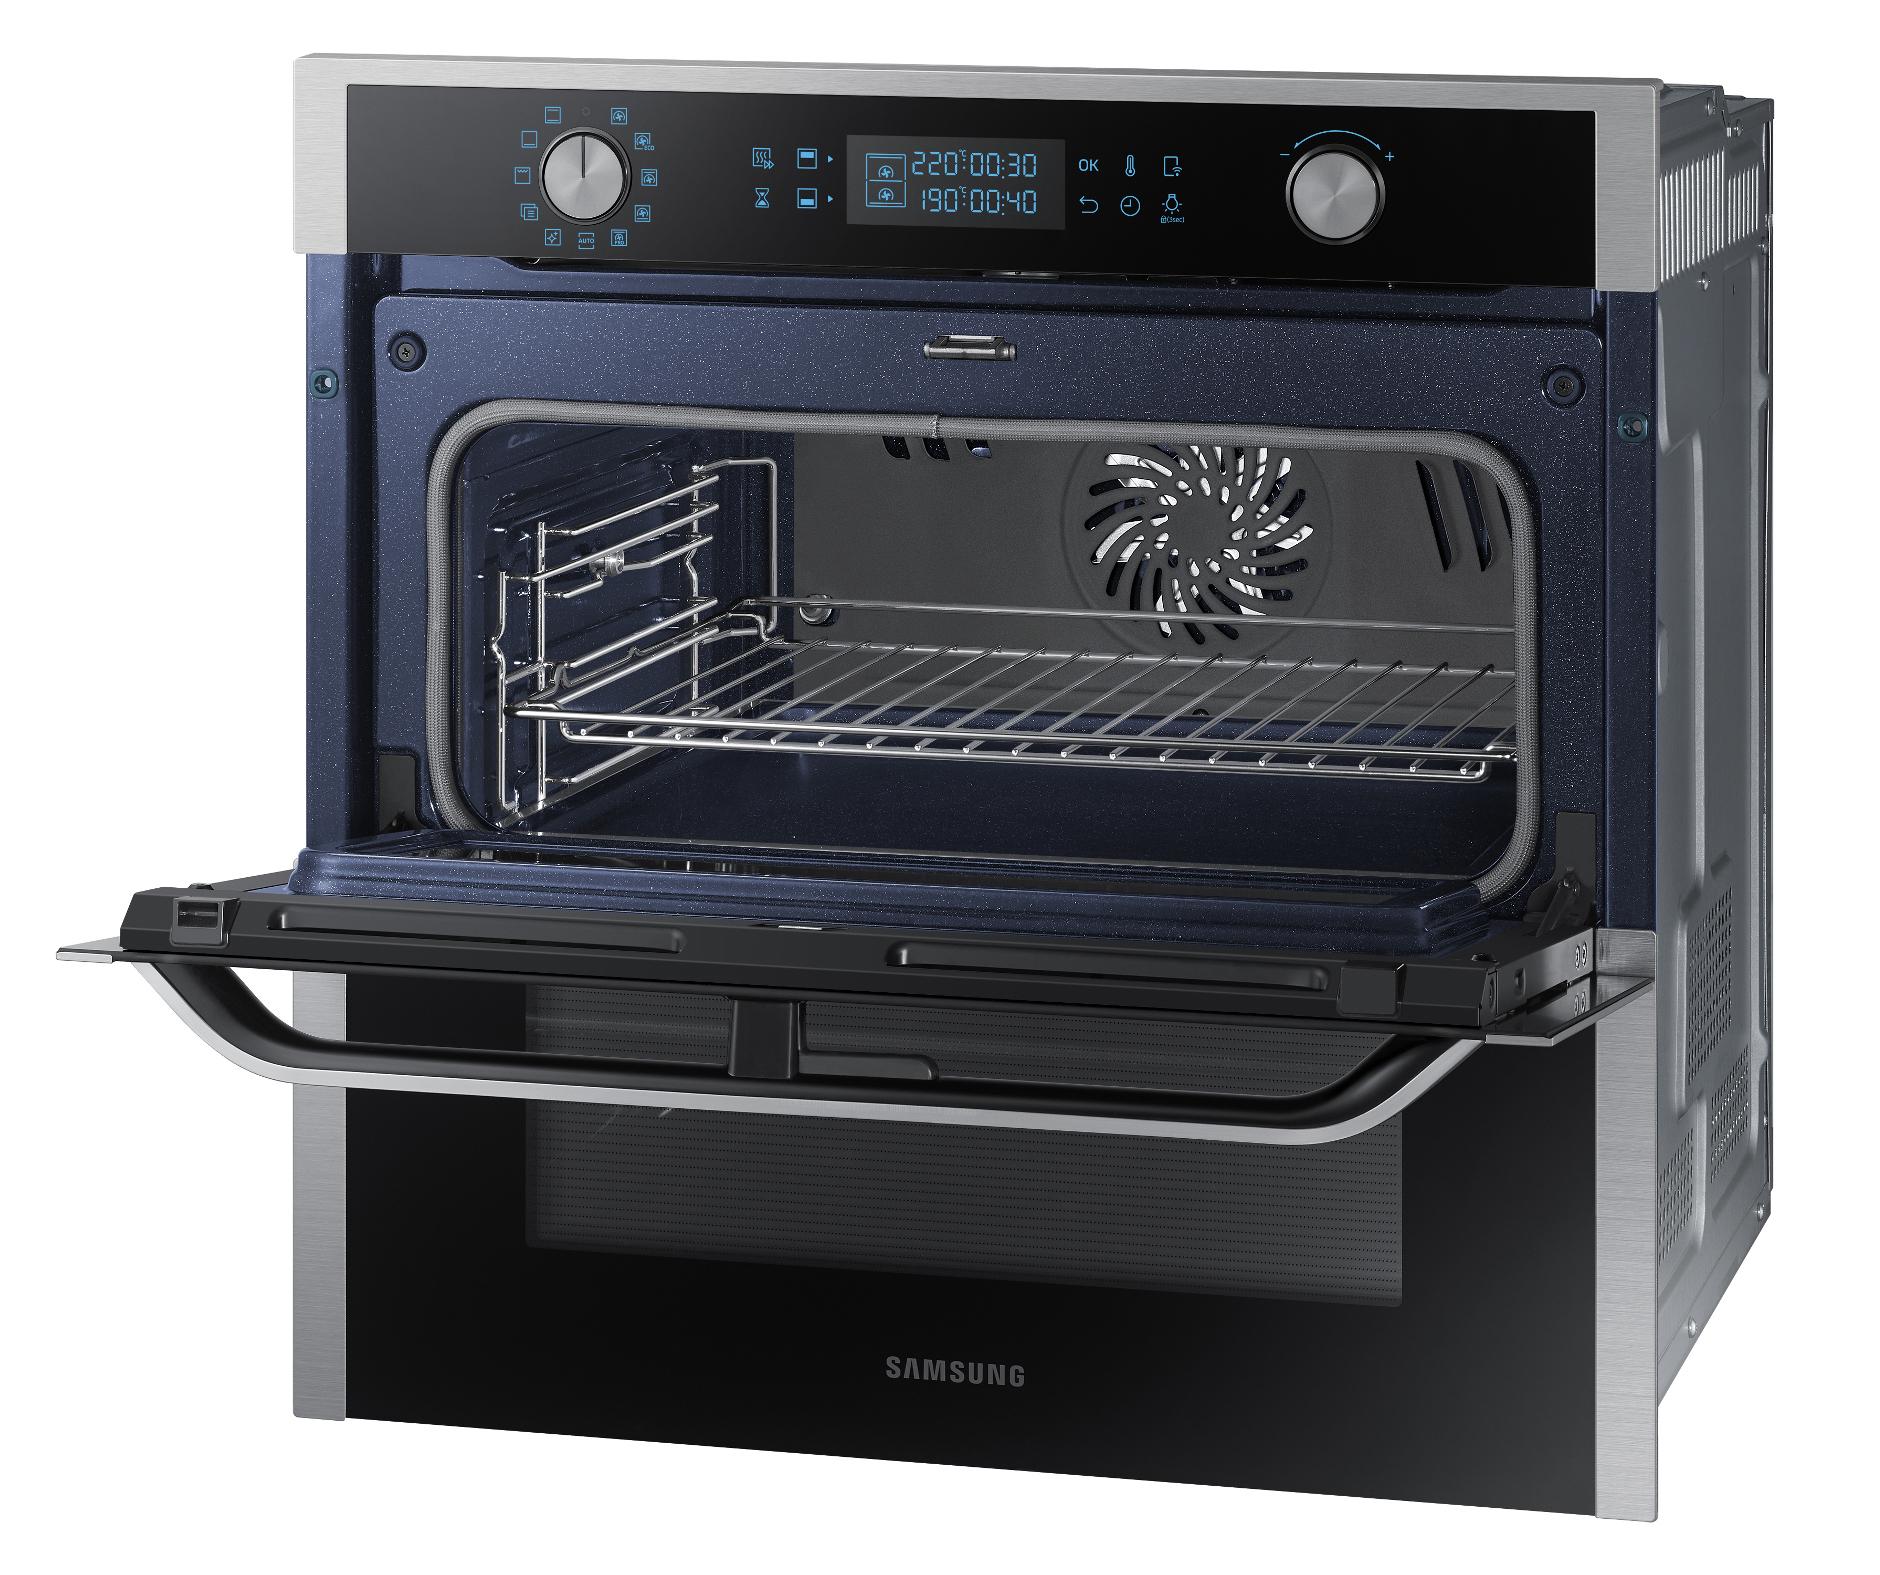 samsung backofen dual cook flex nv7000. Black Bedroom Furniture Sets. Home Design Ideas